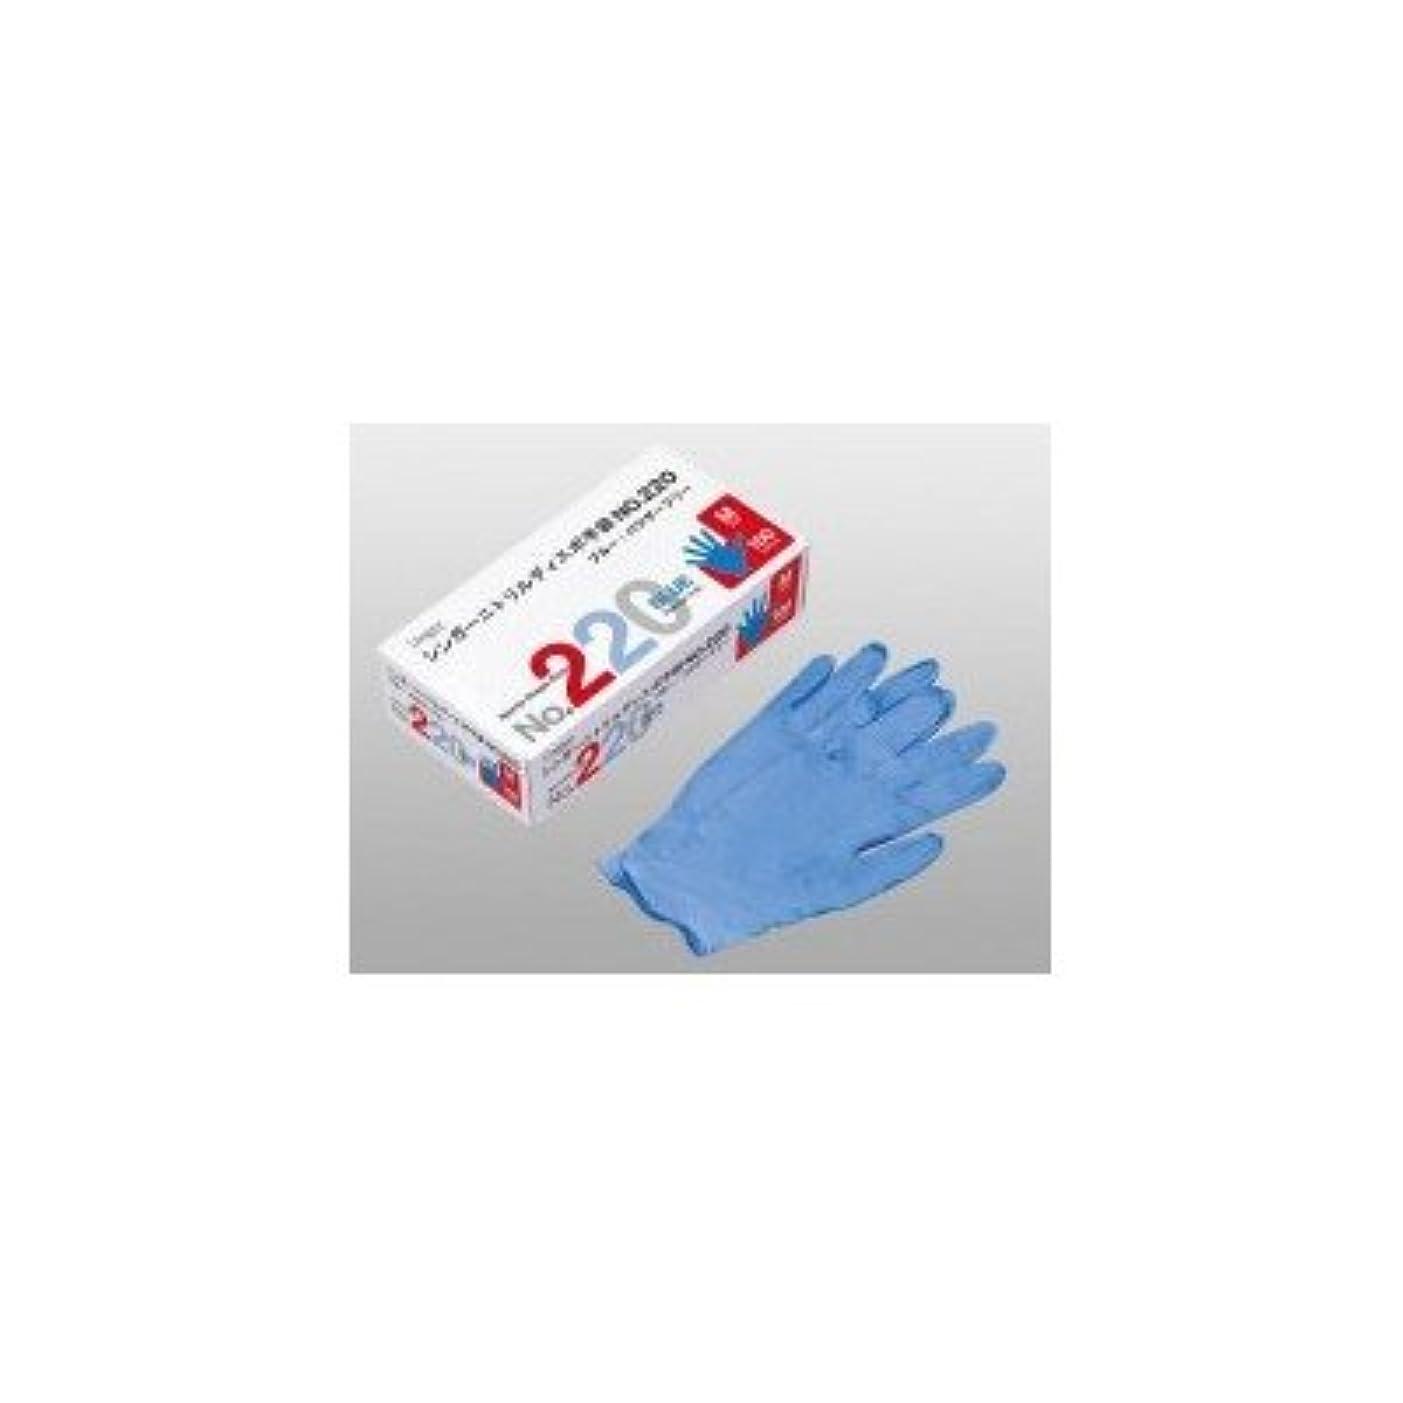 シンガーニトリルディスポ手袋 No.220 ブルー パウダーフリー(100枚) M( 画像はイメージ画像です お届けの商品はMのみとなります)